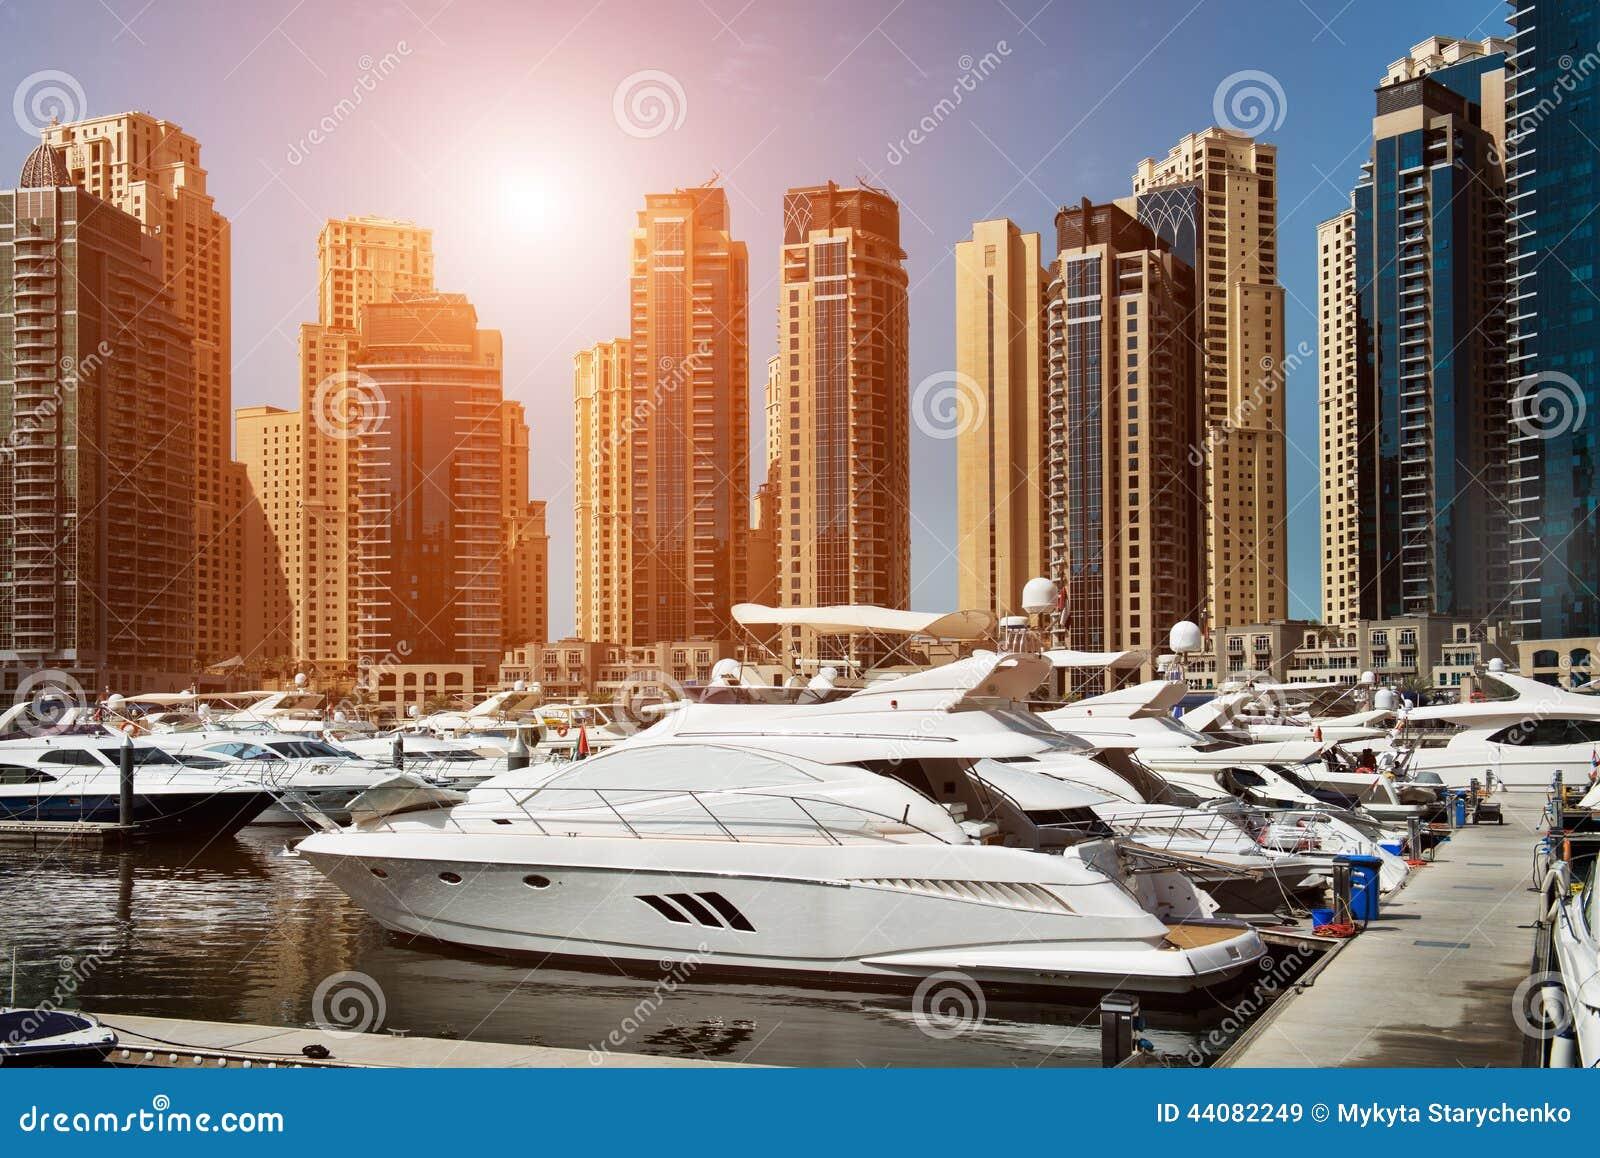 Seebucht mit Yachten bei Sonnenuntergang